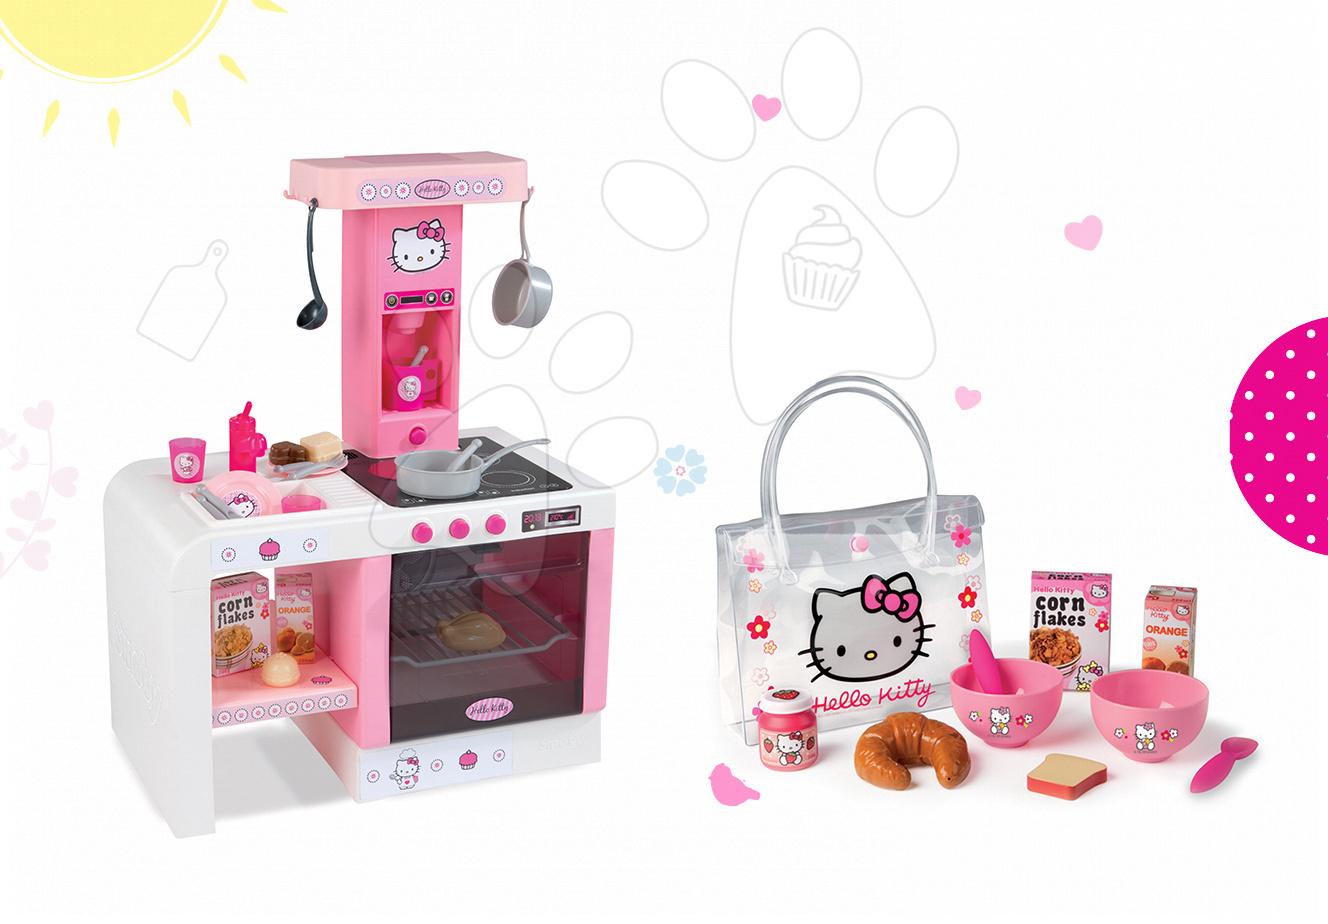 Set dětská kuchyňka Hello Kitty Cheftronic Smoby se zvuky a snídaňový set v taštičce